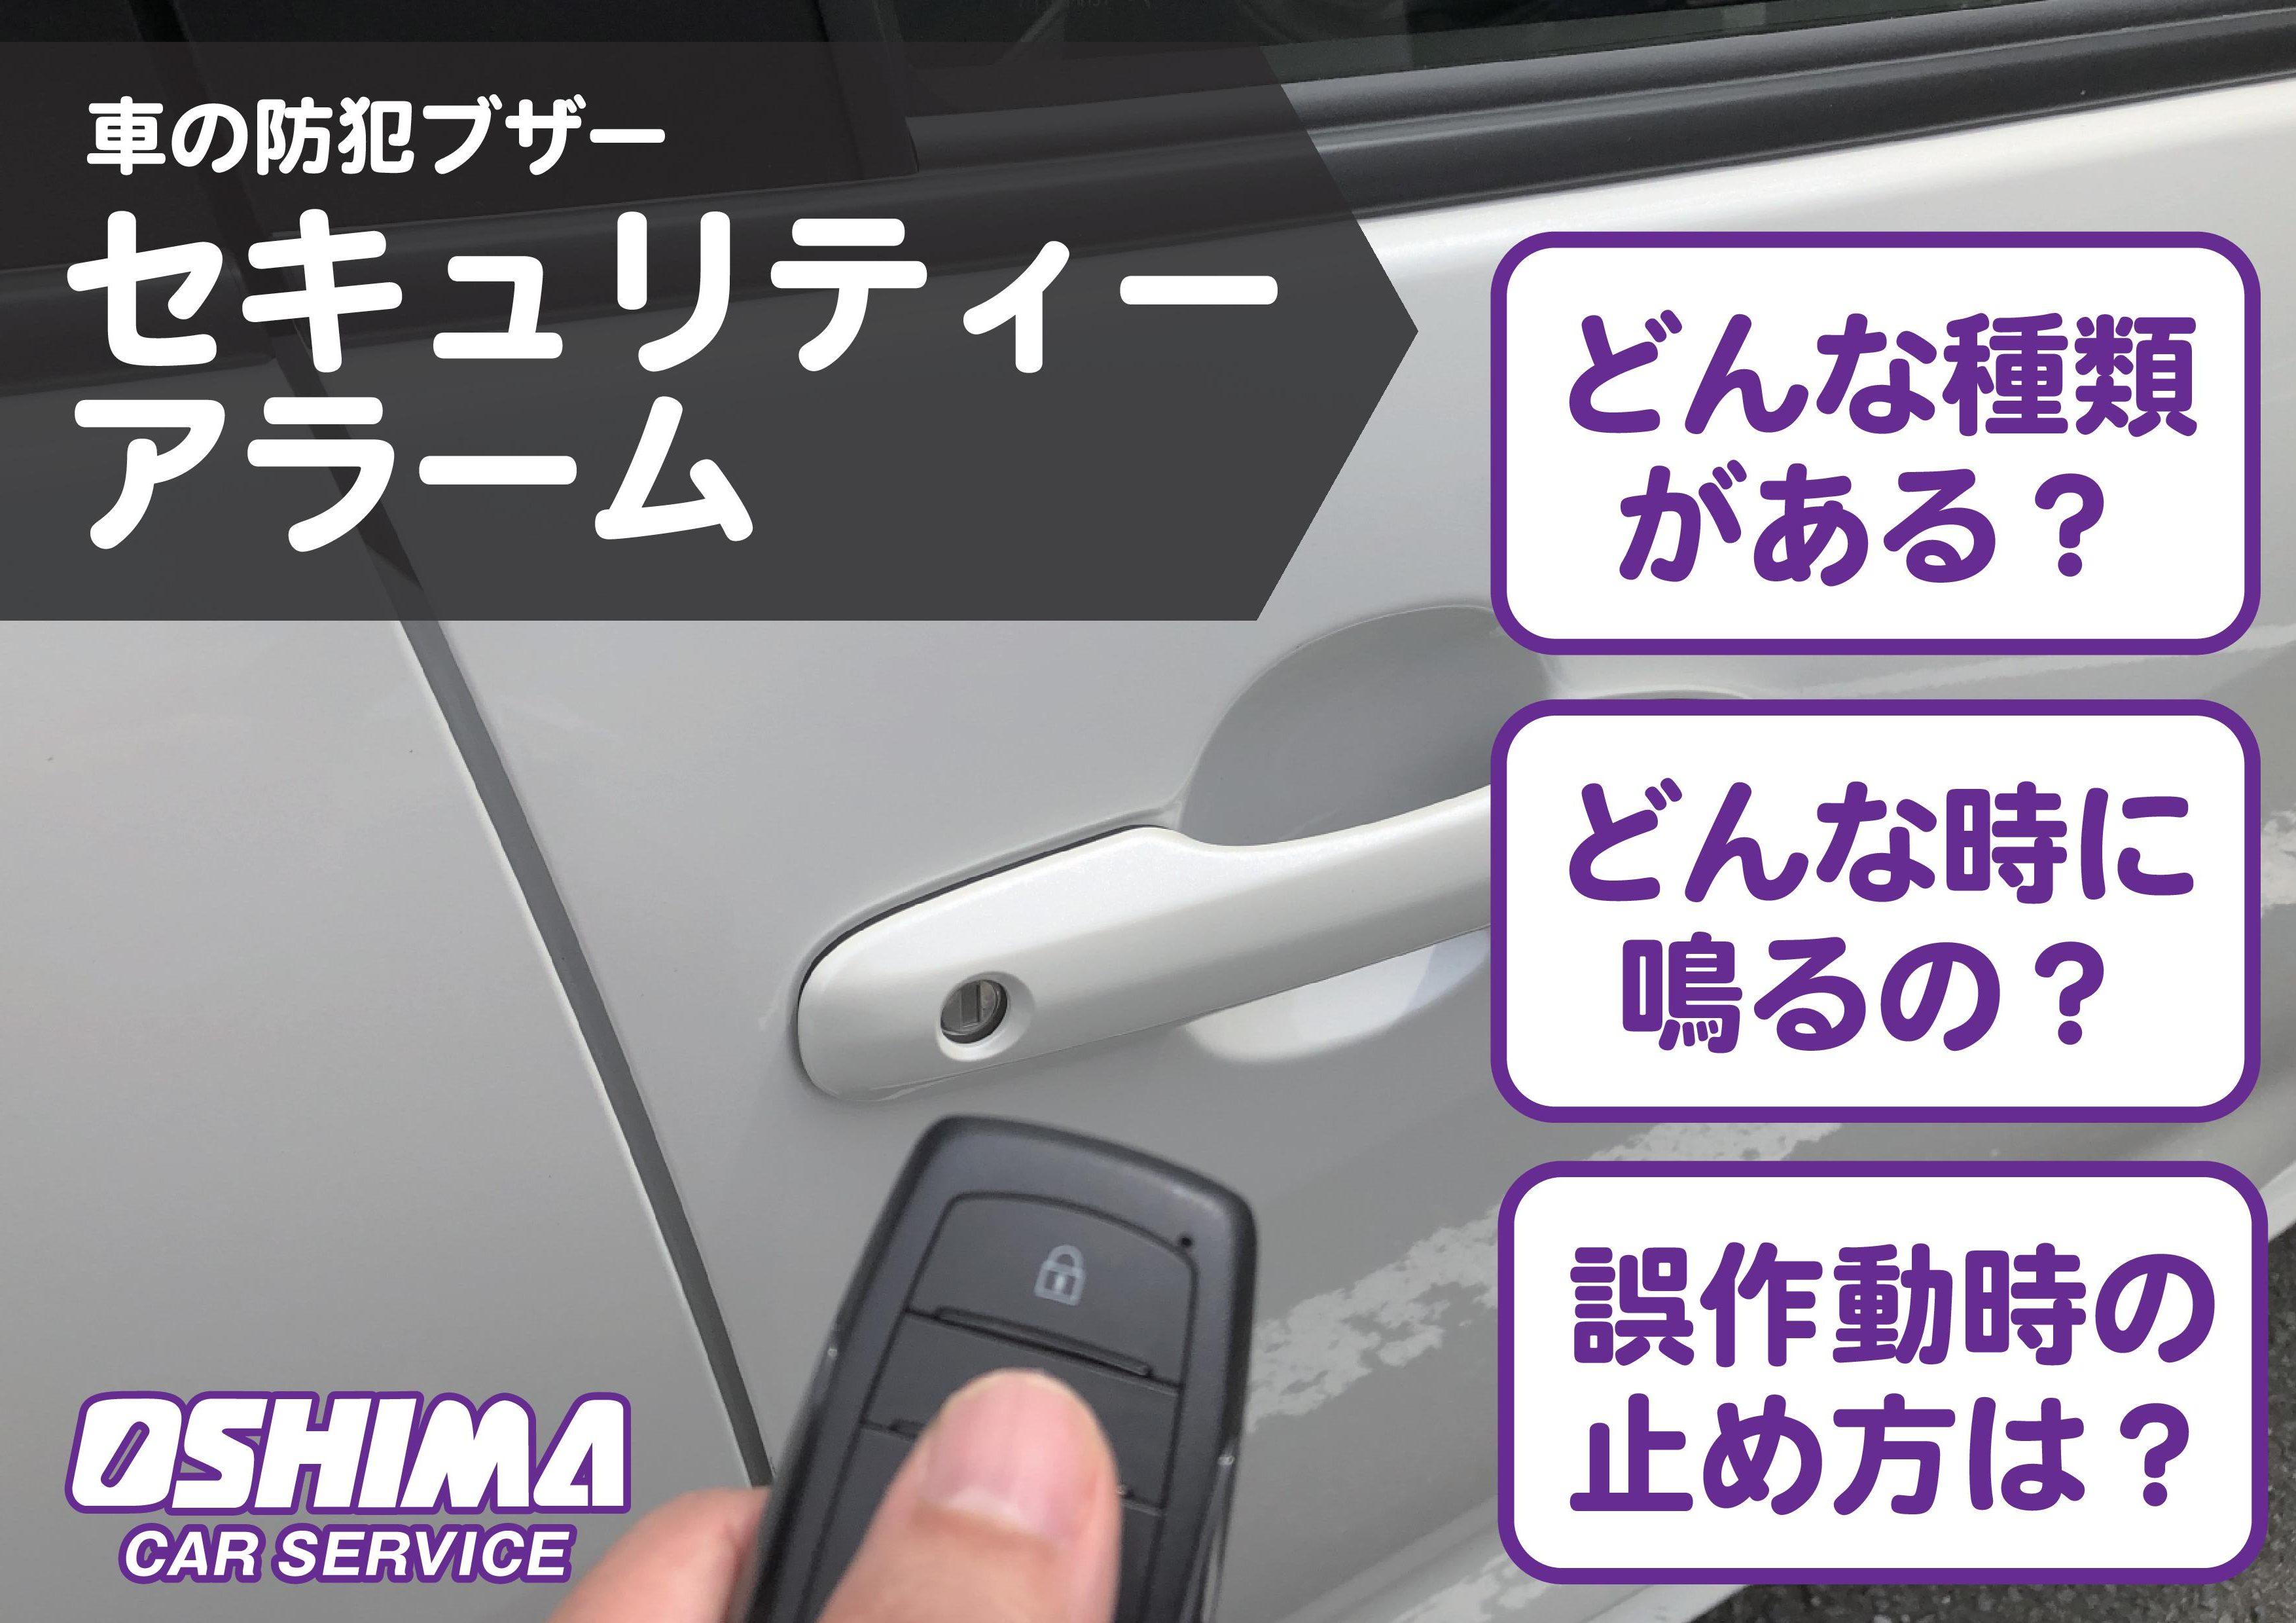 車のセキュリティーアラームの止め方、防犯ブザーが鳴る原因 大嶋カーサービス福知山店